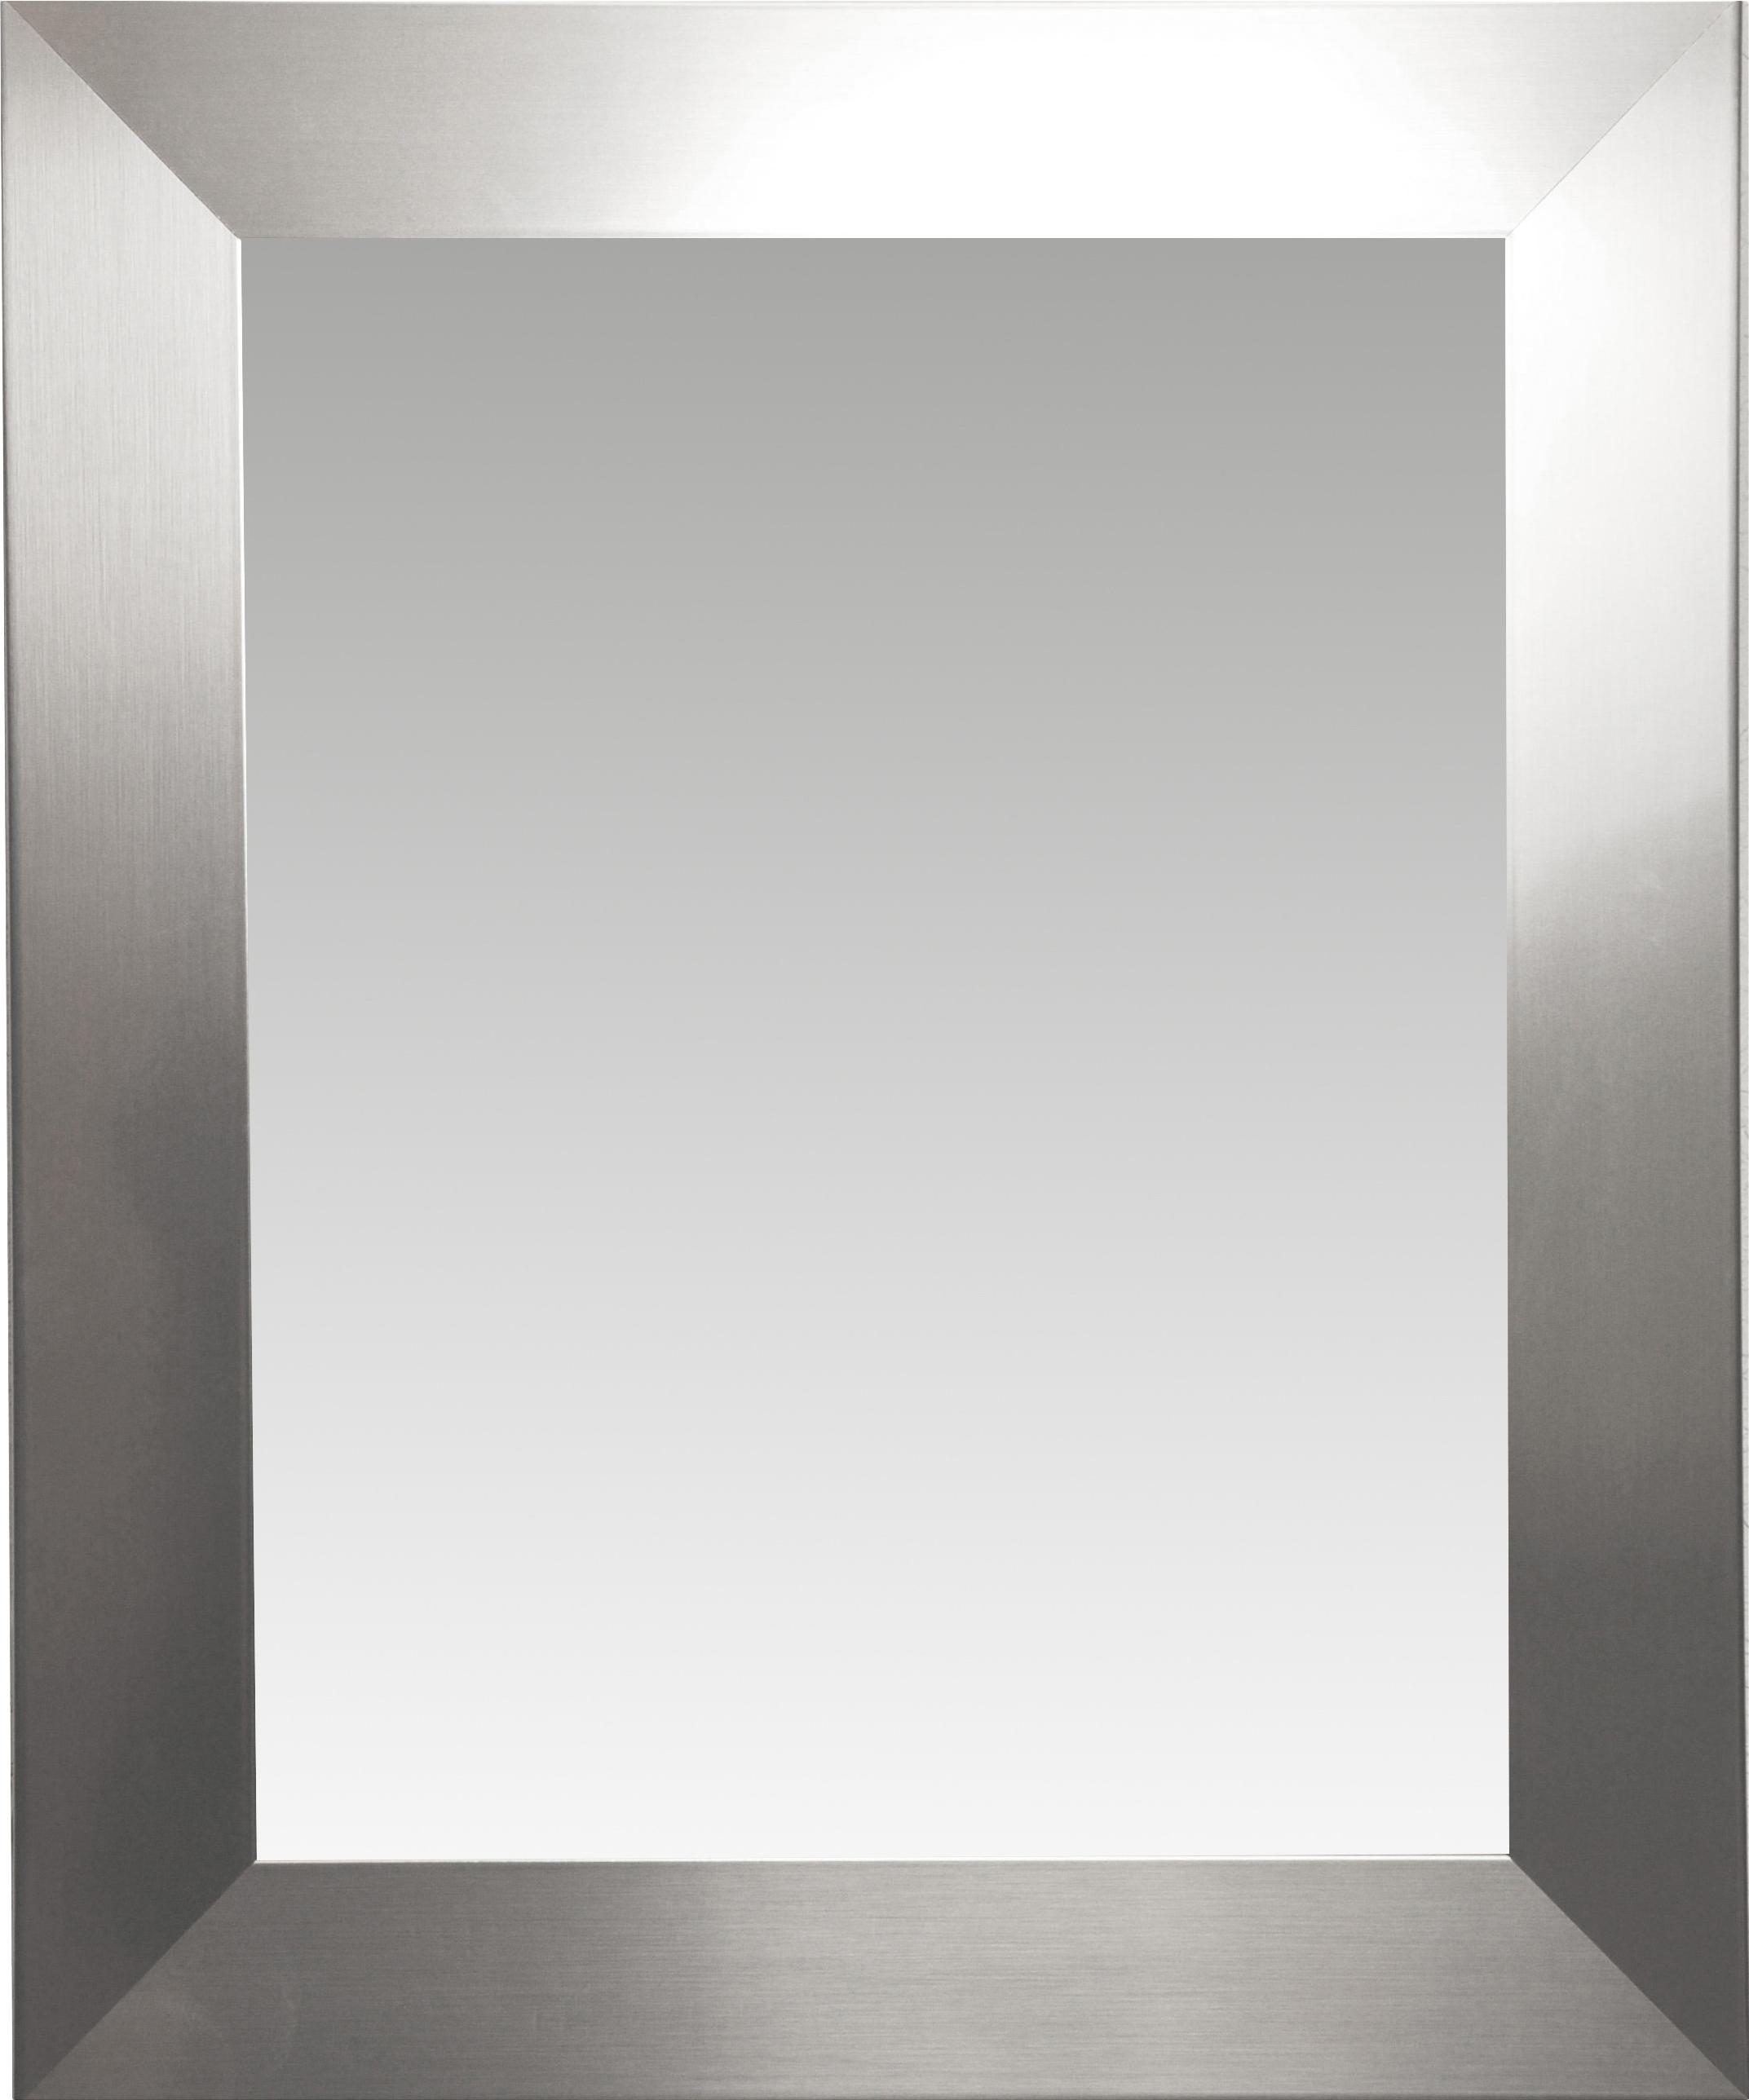 Kurt Modern & Contemporary Wall Mirror For Preferred Contemporary Wall Mirrors (Gallery 11 of 20)